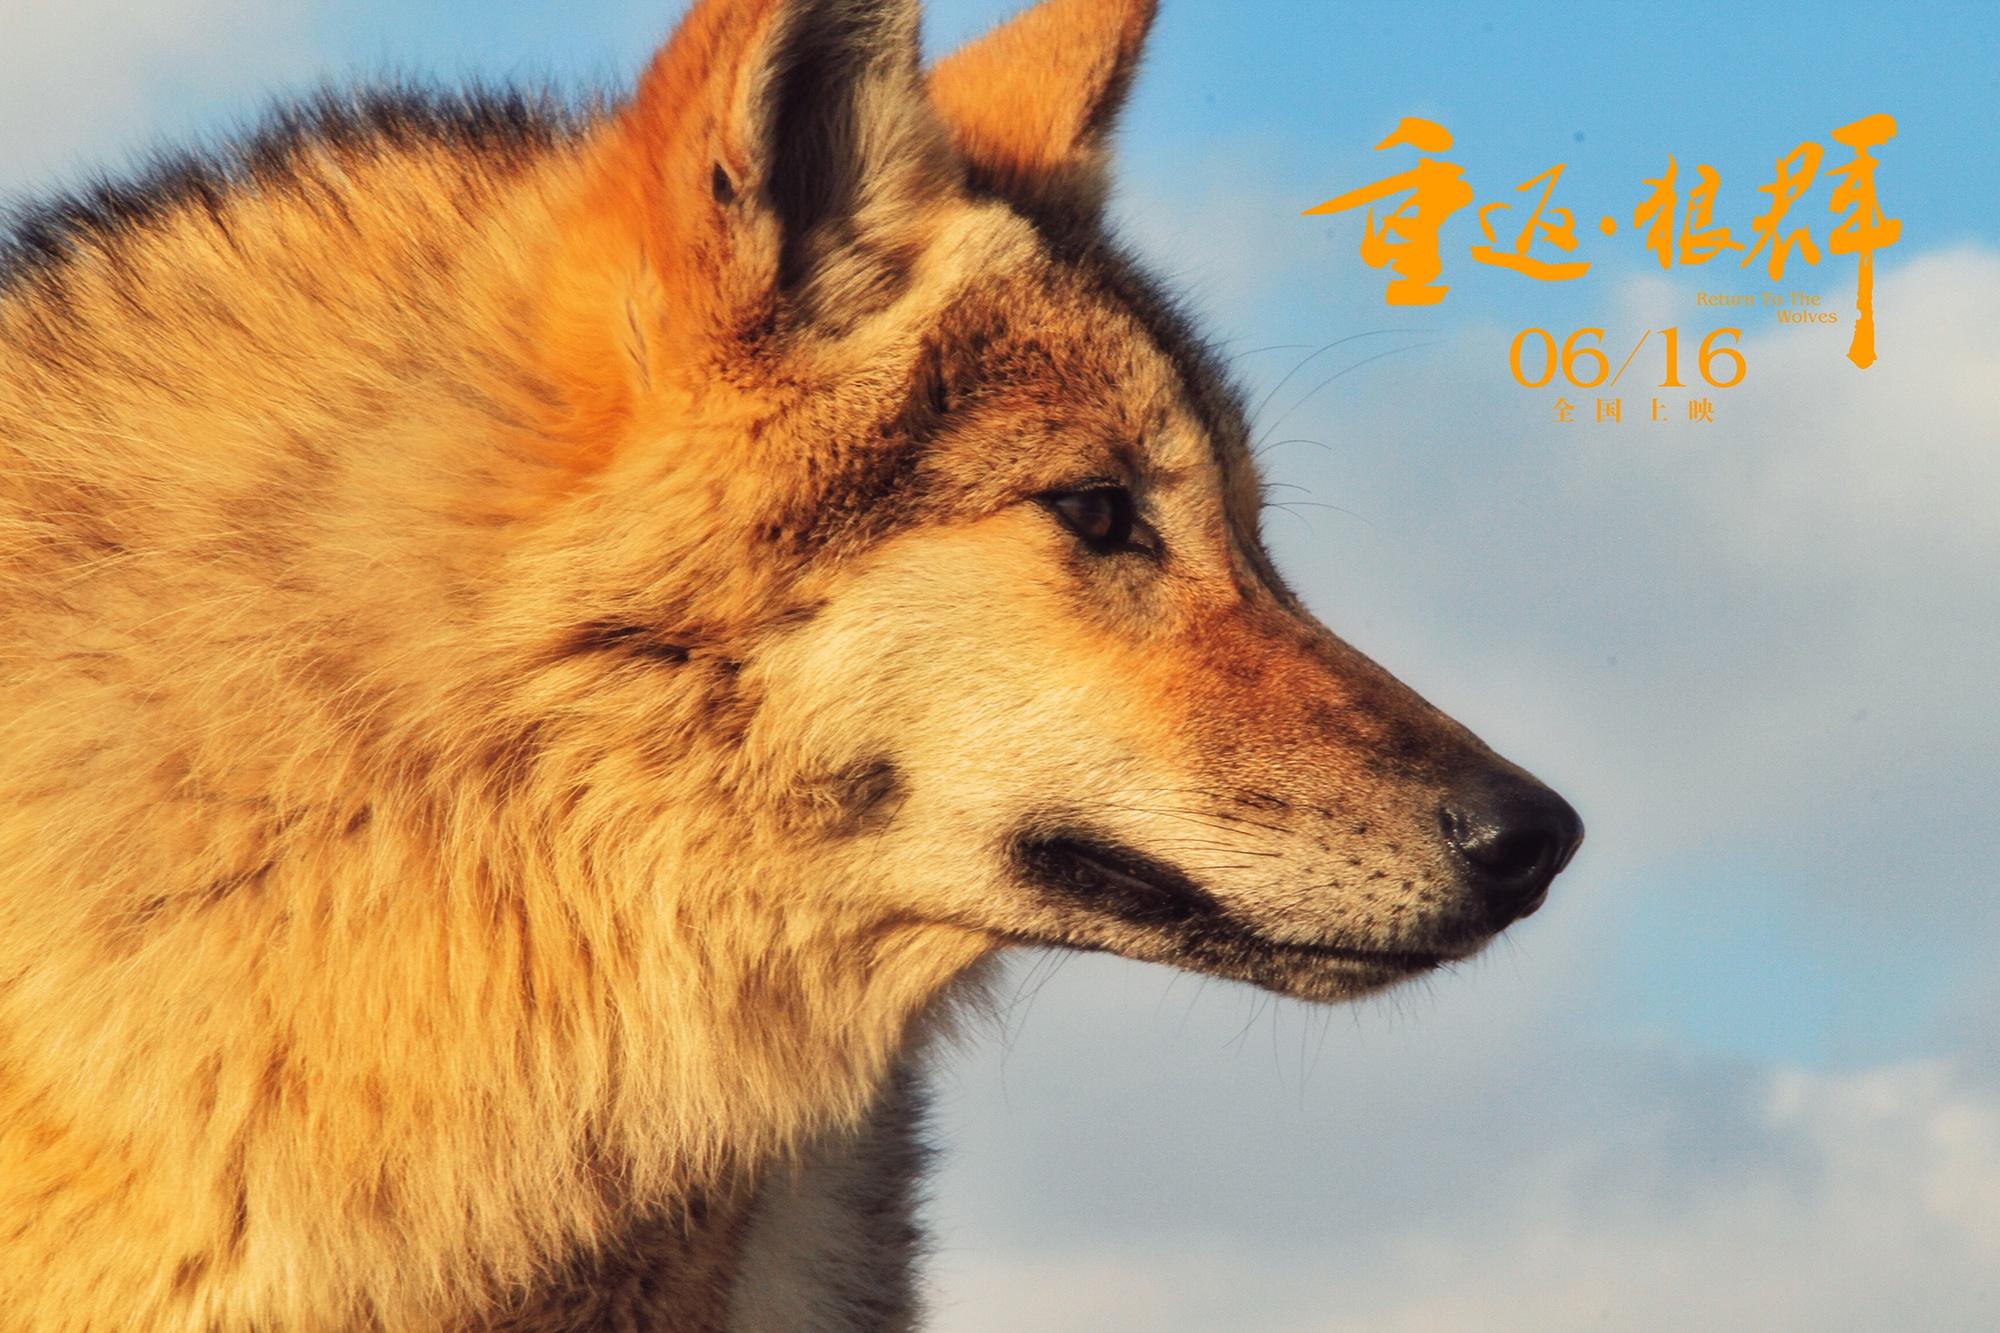 在本次发布的预告片中,《狼图腾》主演冯绍峰倾情献声,真诚推荐电影